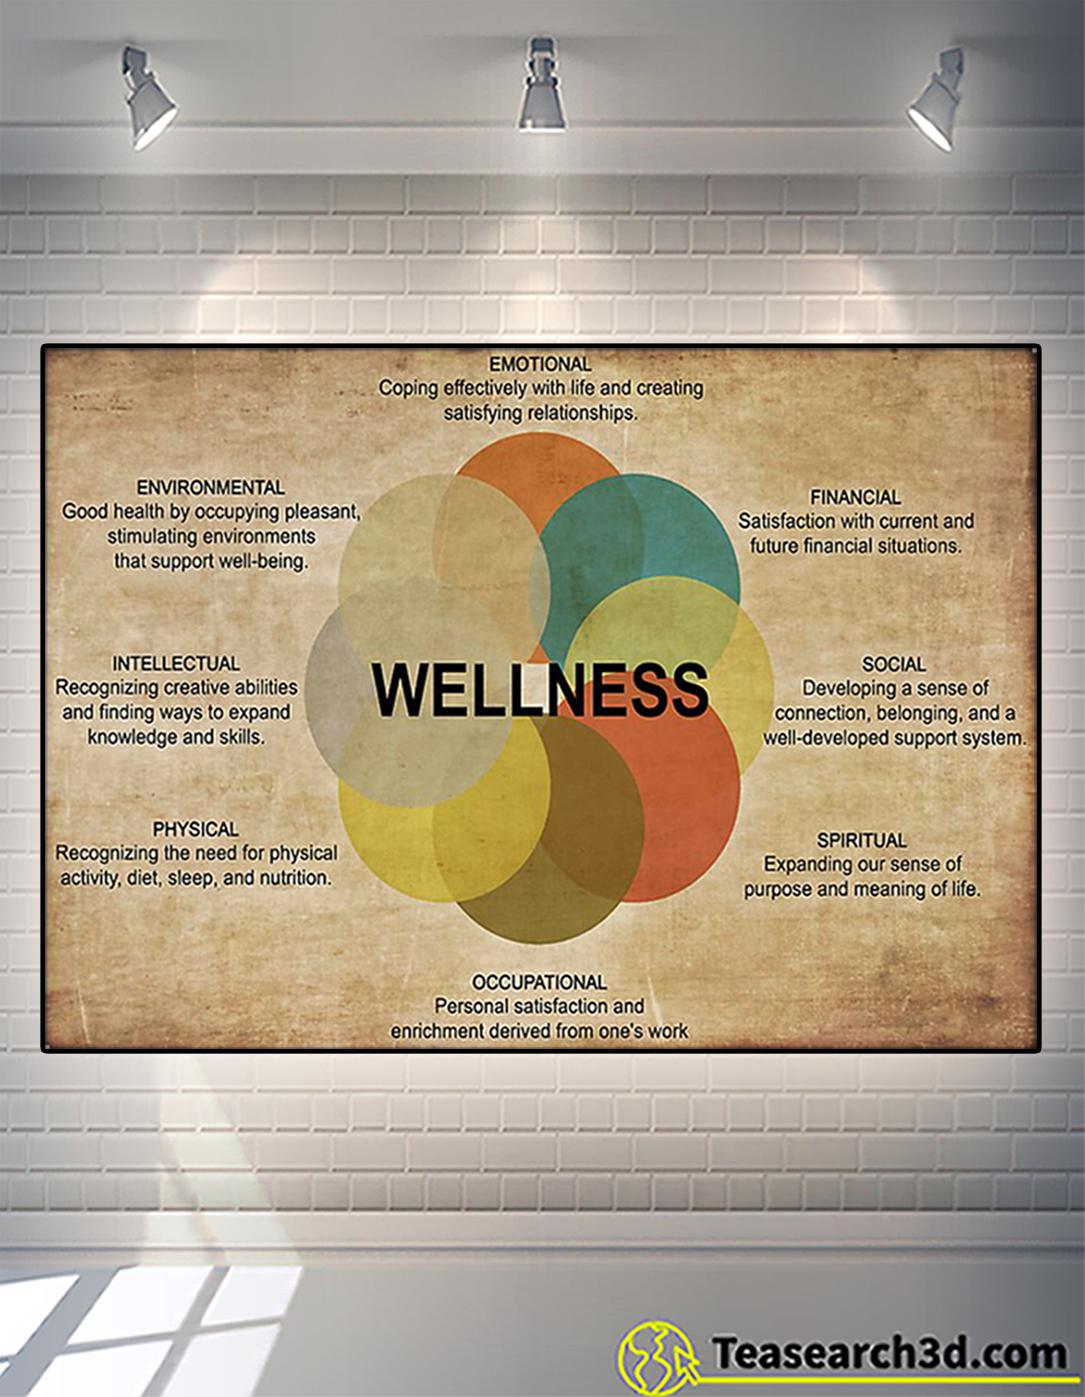 Social worker wellness poster A2